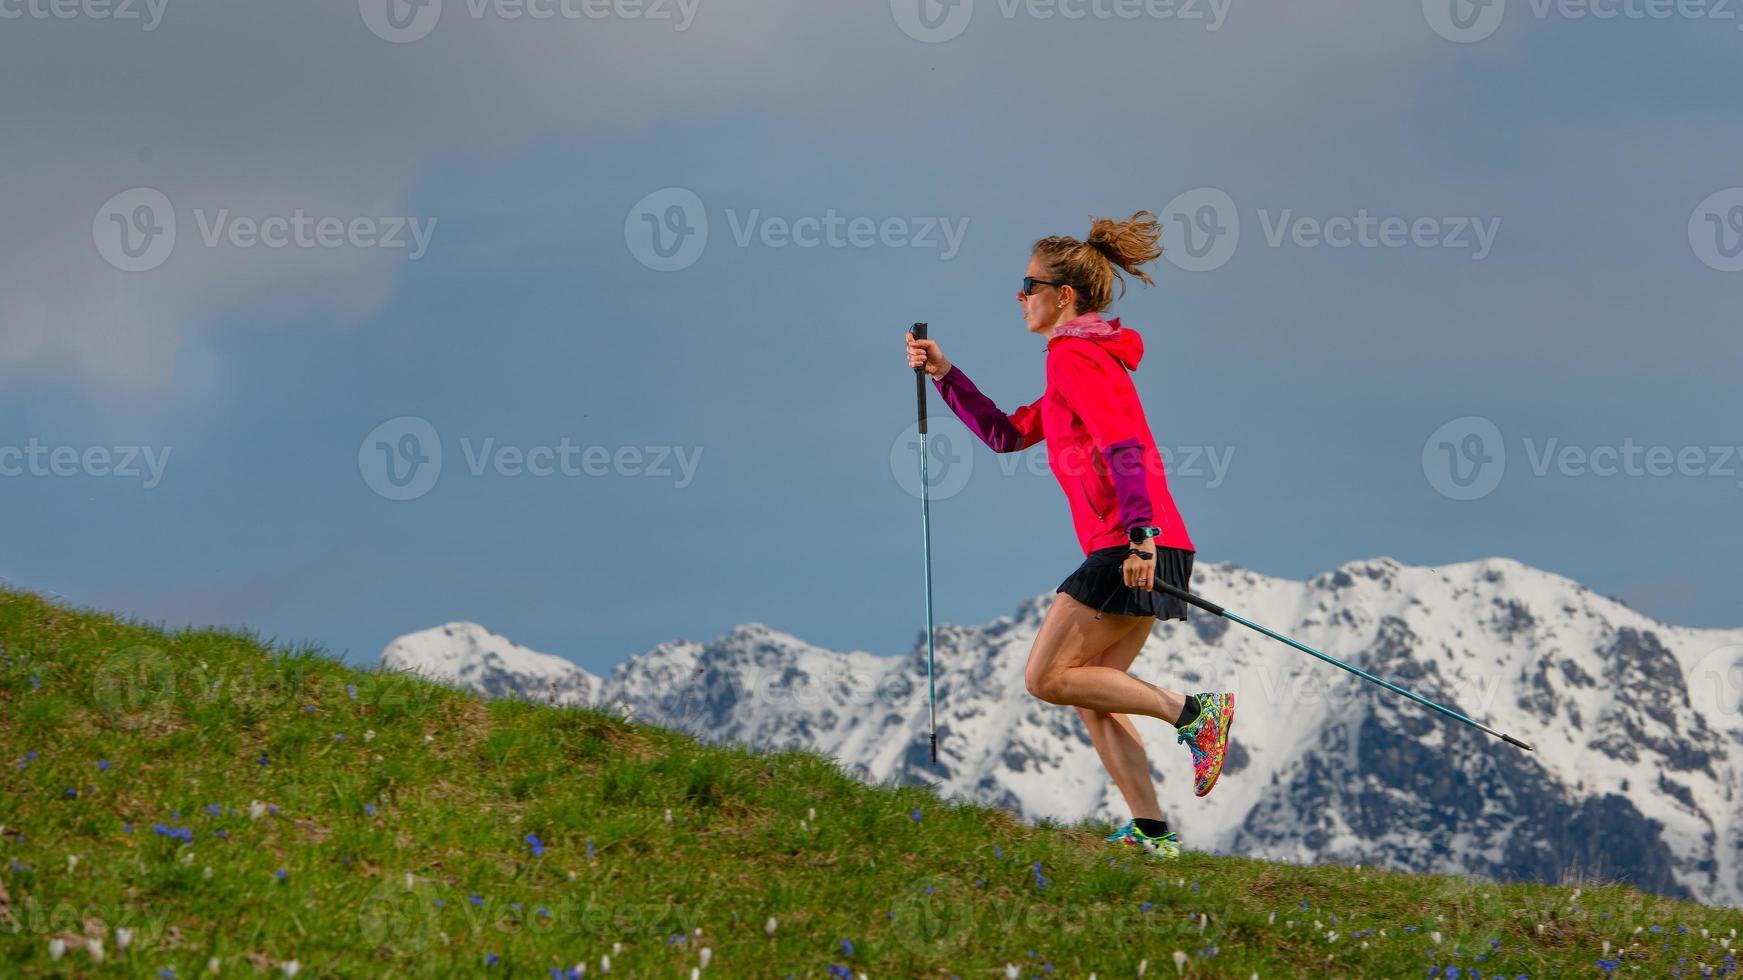 marche nordique et course de piste une fille avec des bâtons sur une dorade printanière sur fond neigeux photo